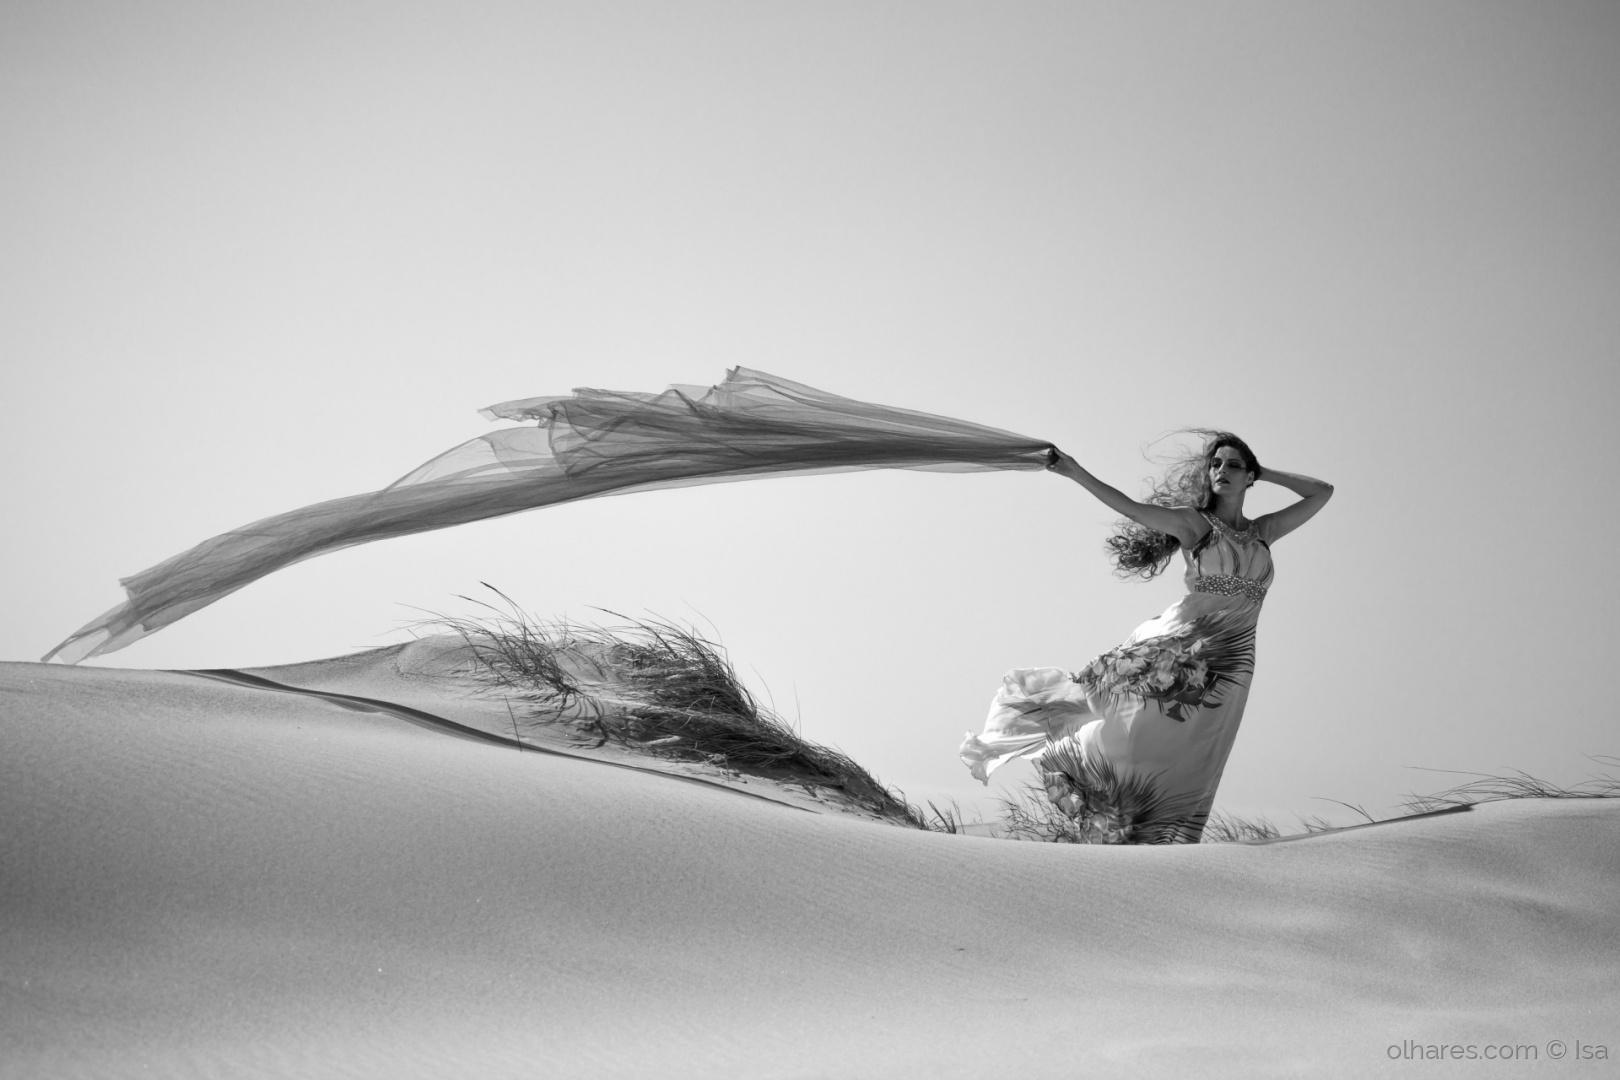 Retratos/wind